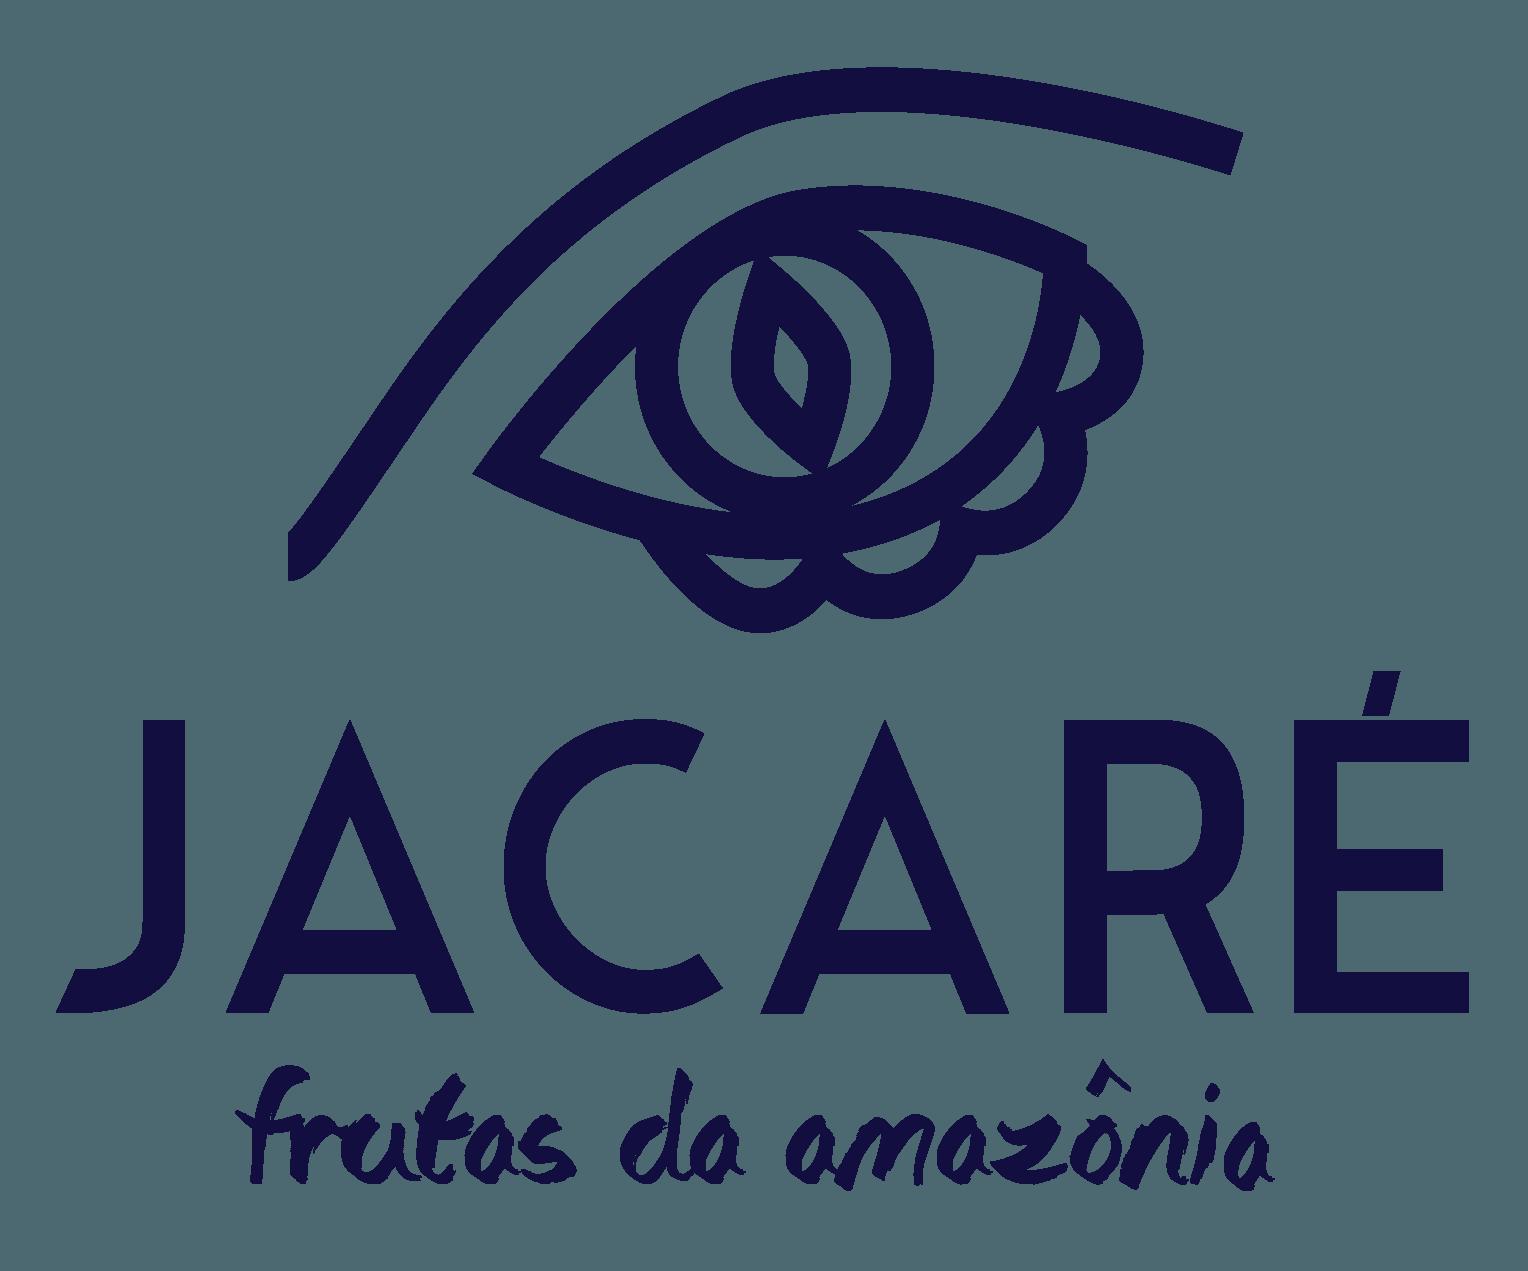 jacare_logo_large